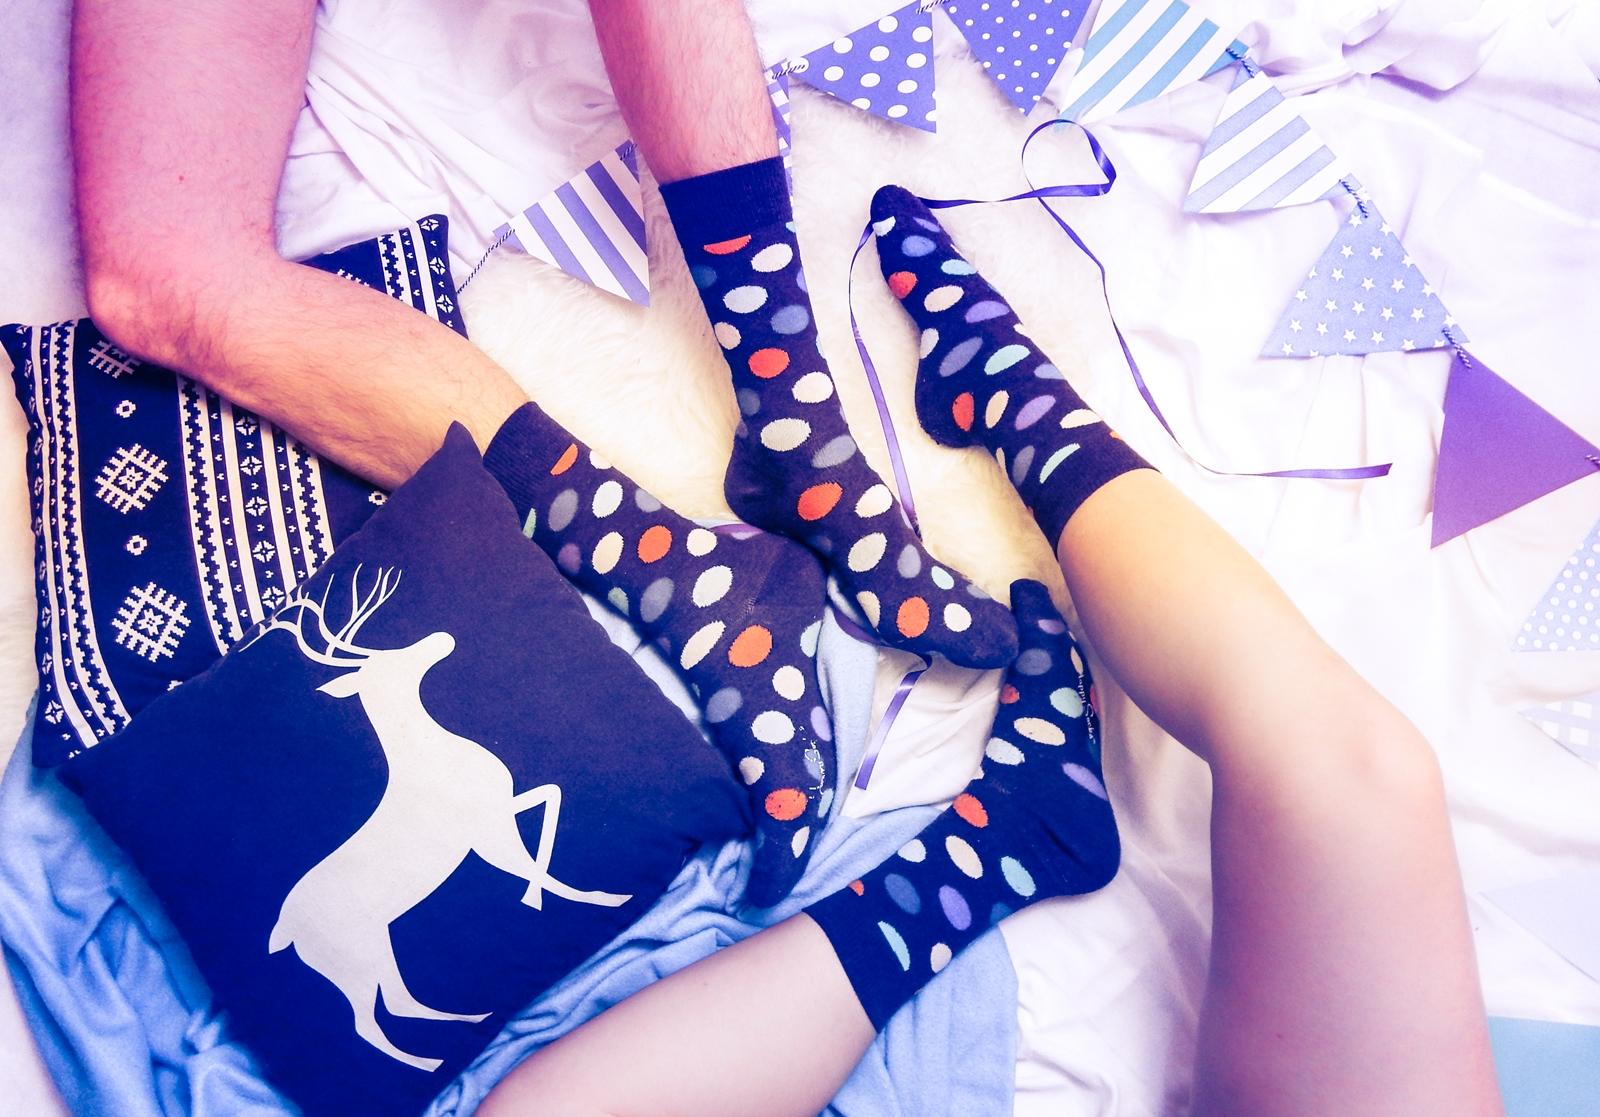 1 HappySocks Happy Socks Sweden ciekawe kolorowe skarpetki melodylaniella pomysły na prezent ciekawe dodatki do stylizacji skarpety we wzory wzorki skarpetki dla chłopaka skarpetki dla dziewczyny moda